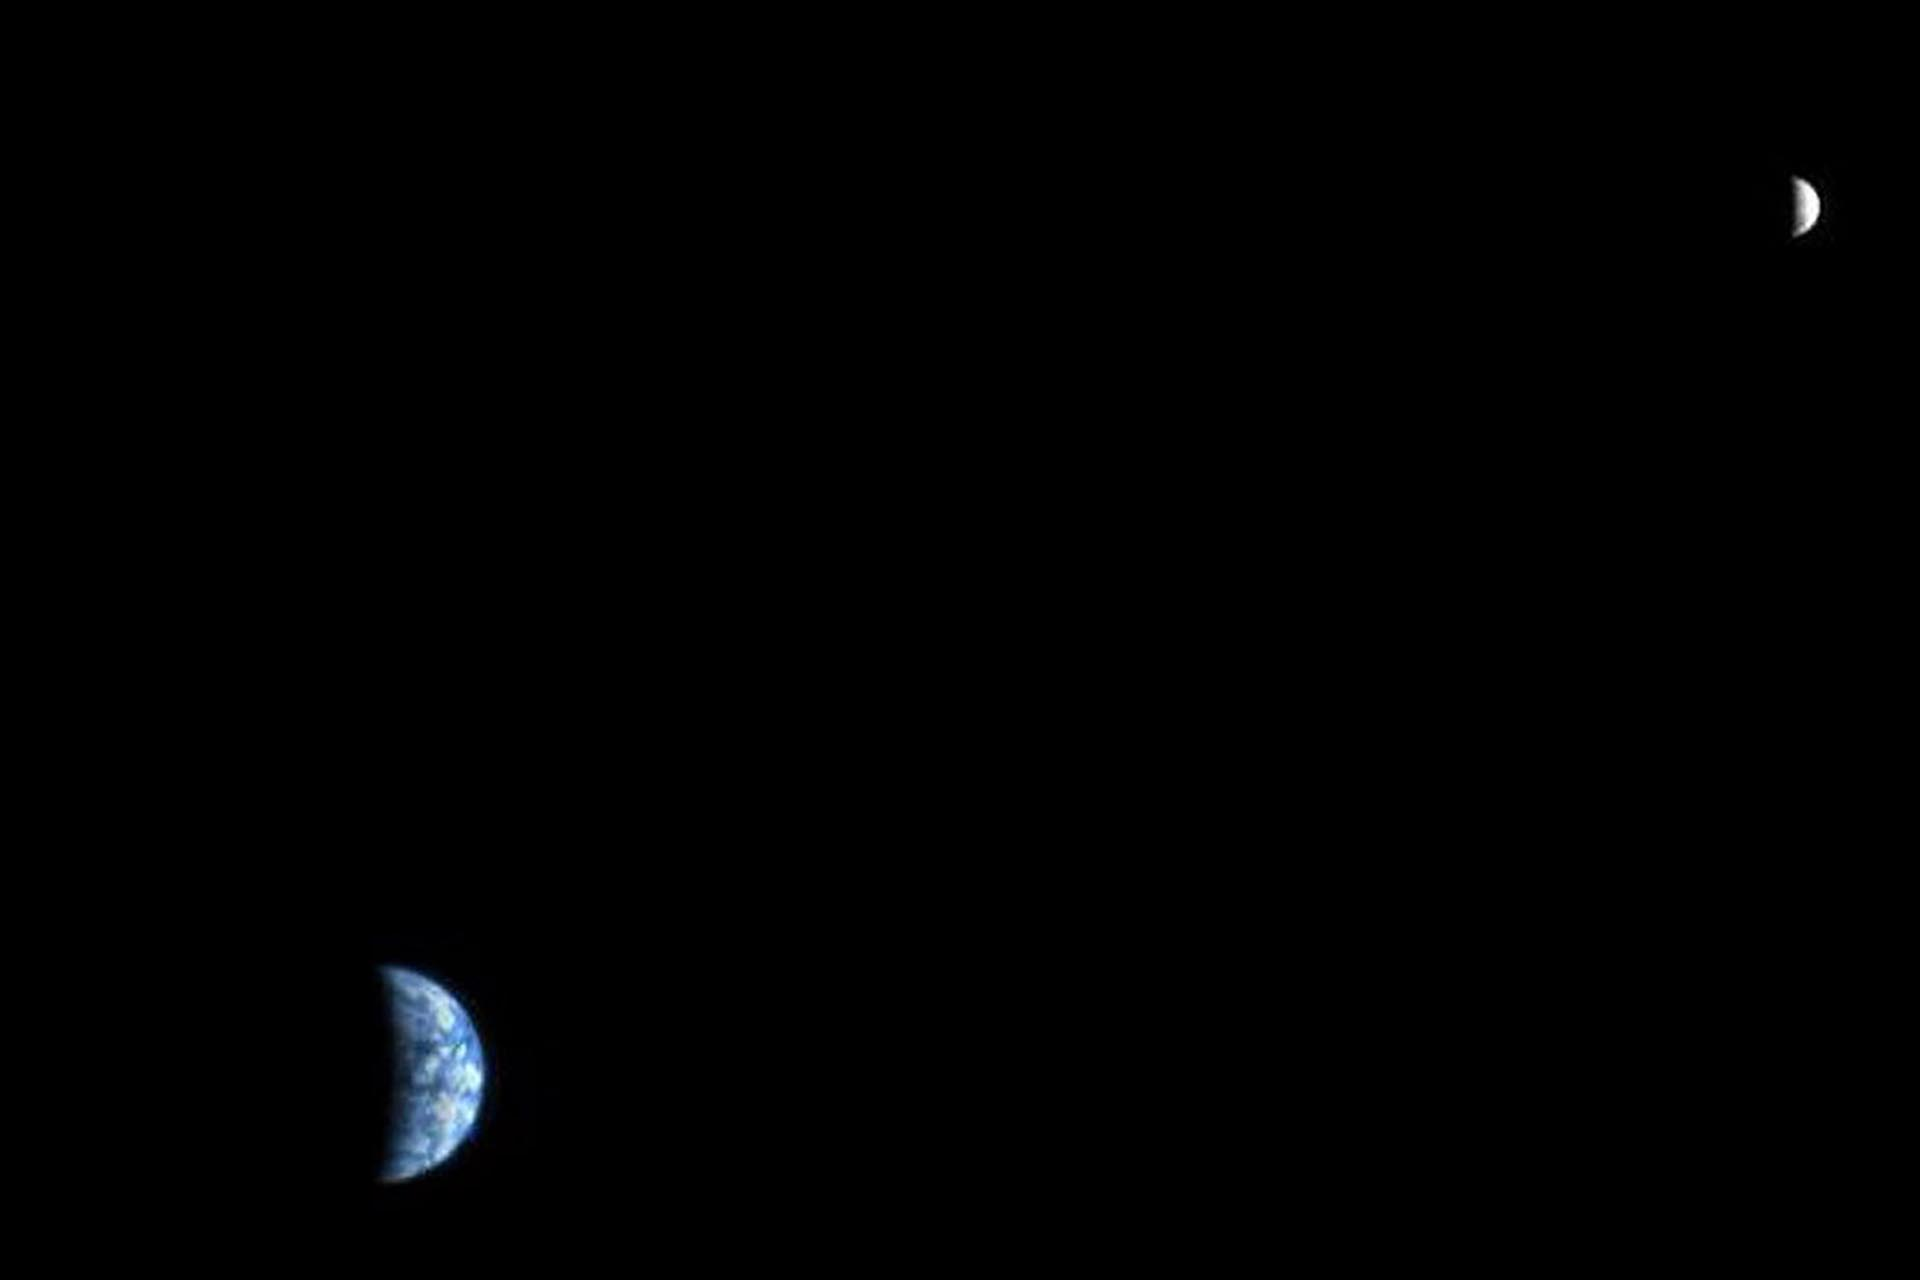 La Tierra y la Luna en otra imagen del Orbitador de Reconocimiento de Marte, tomada en octubre de 2007